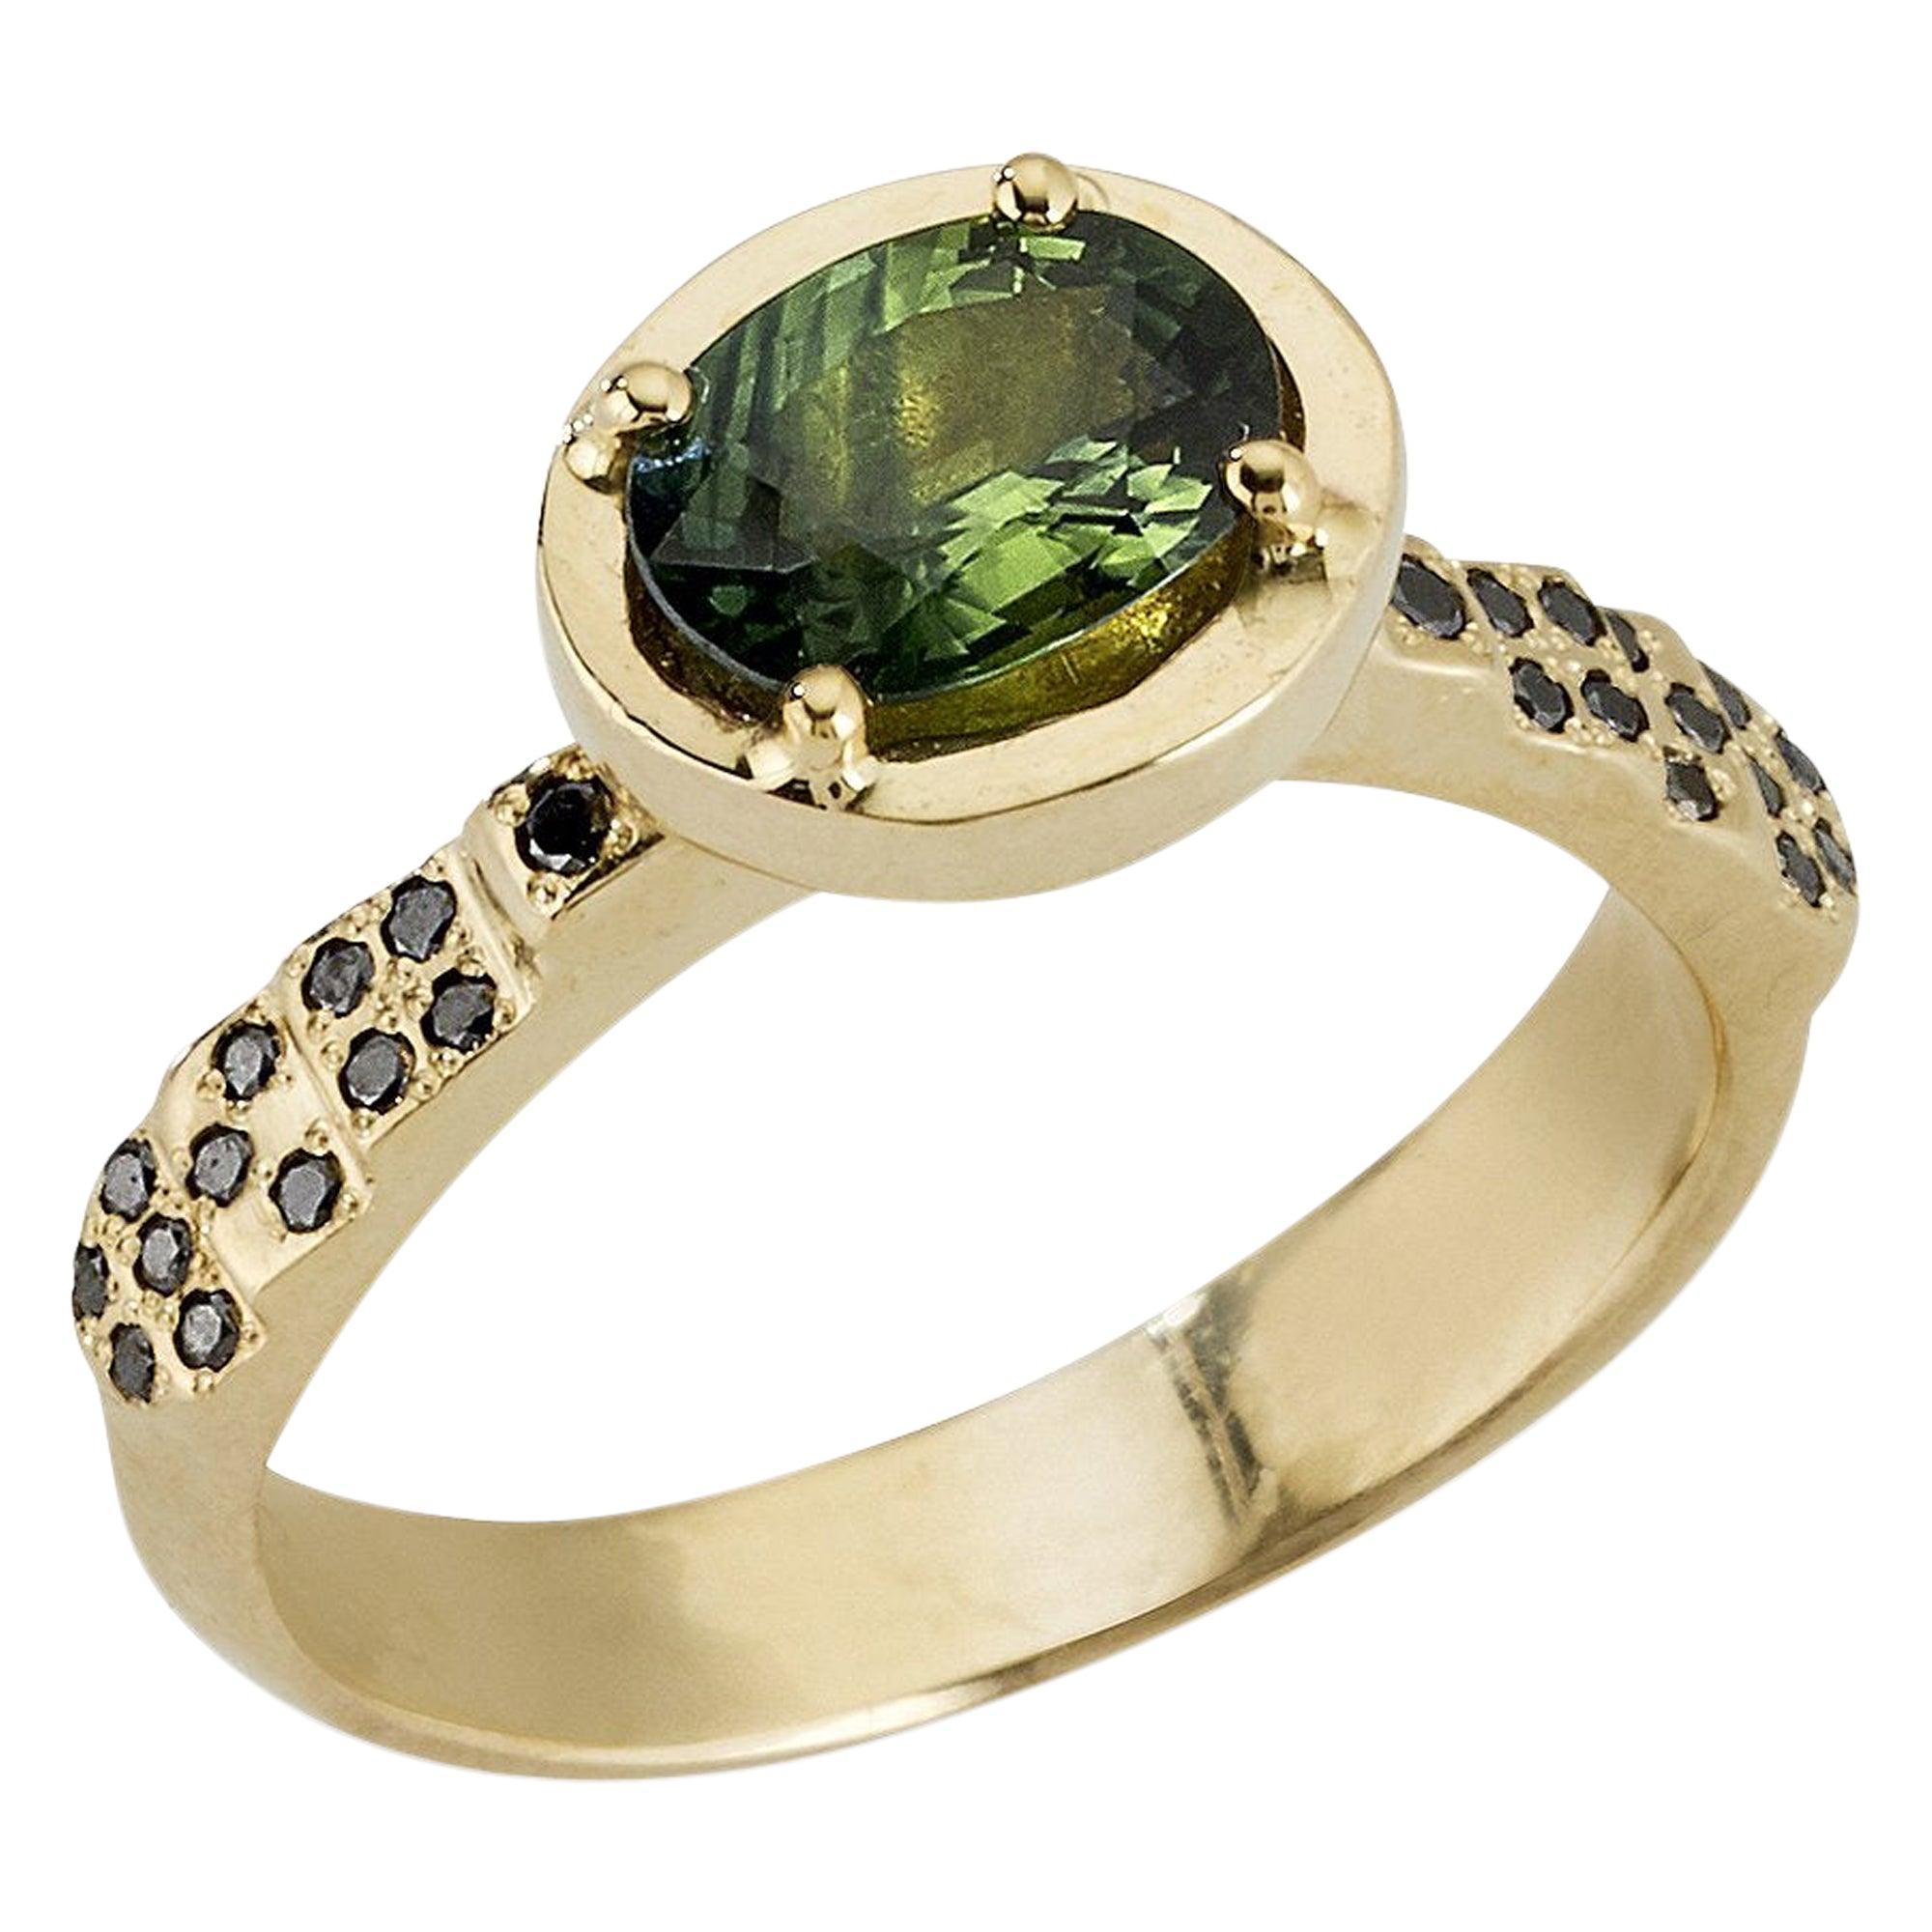 Charlemagne Ring, 14 Karat Yellow Gold